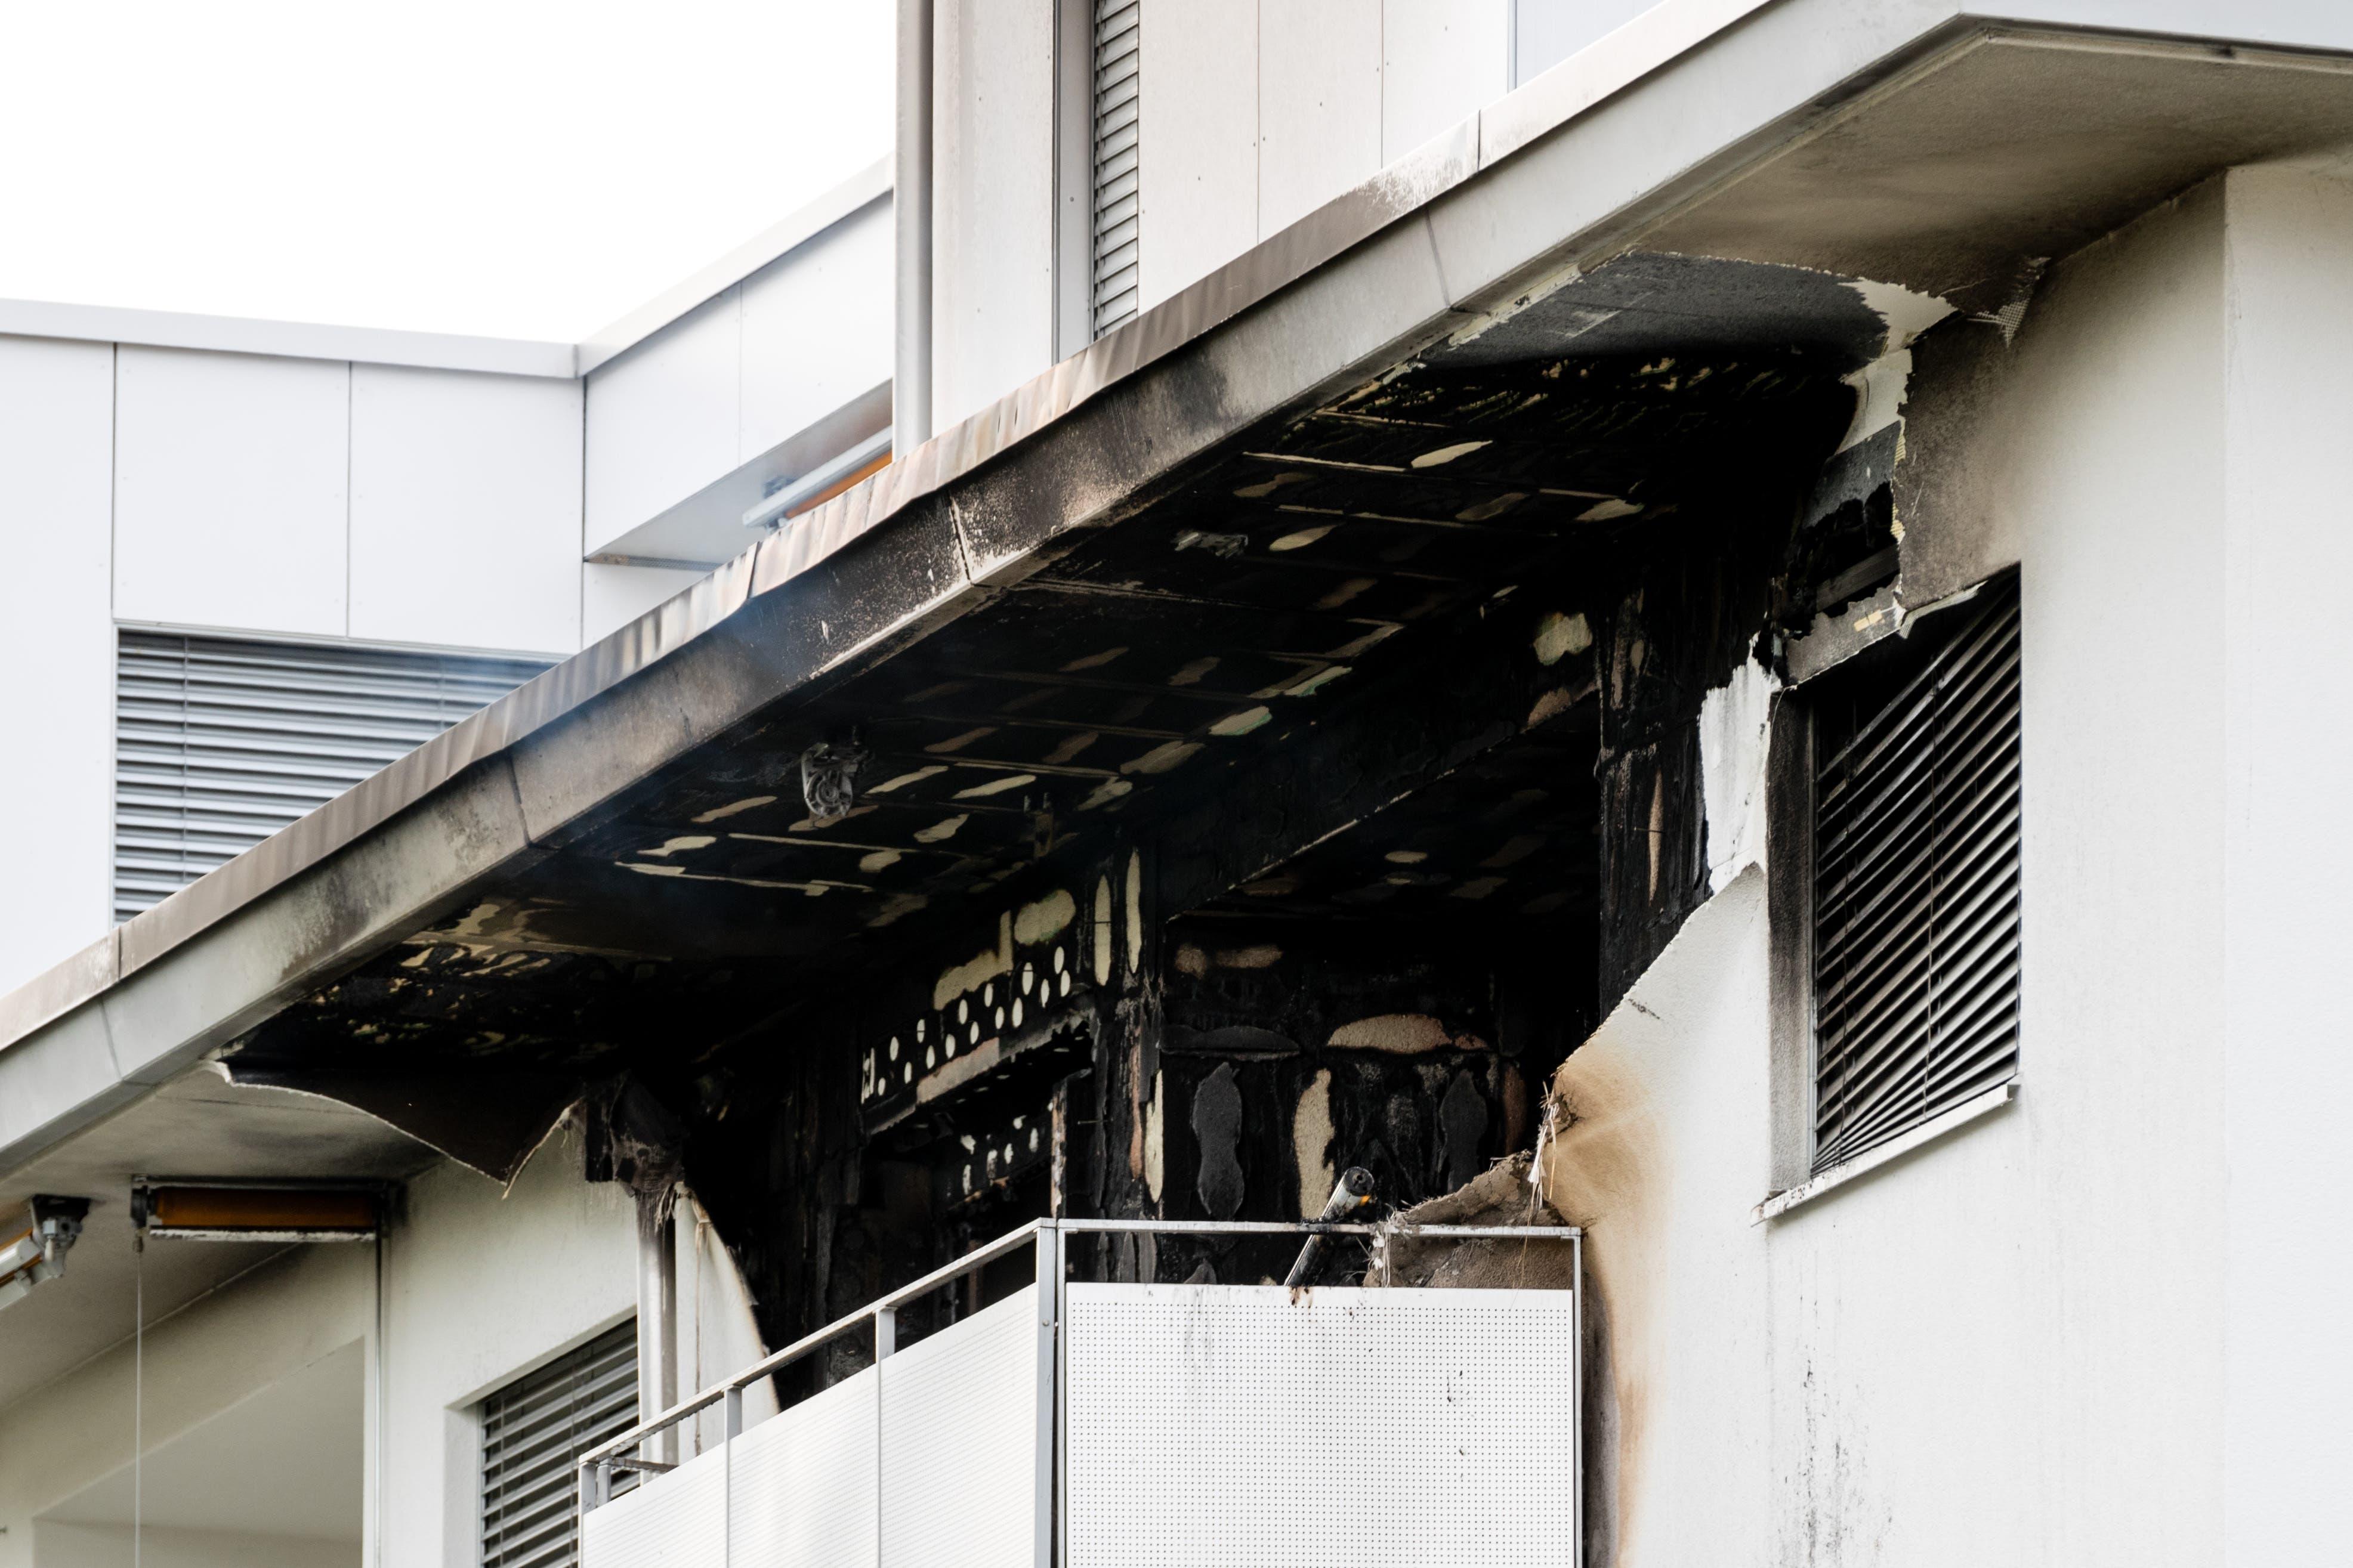 Die verkohlte Fassade nach dem Wohnungsbrand in Kriens. (Bild: Philipp Schmidli/LZ, Kriens, 3. Juli 2018)